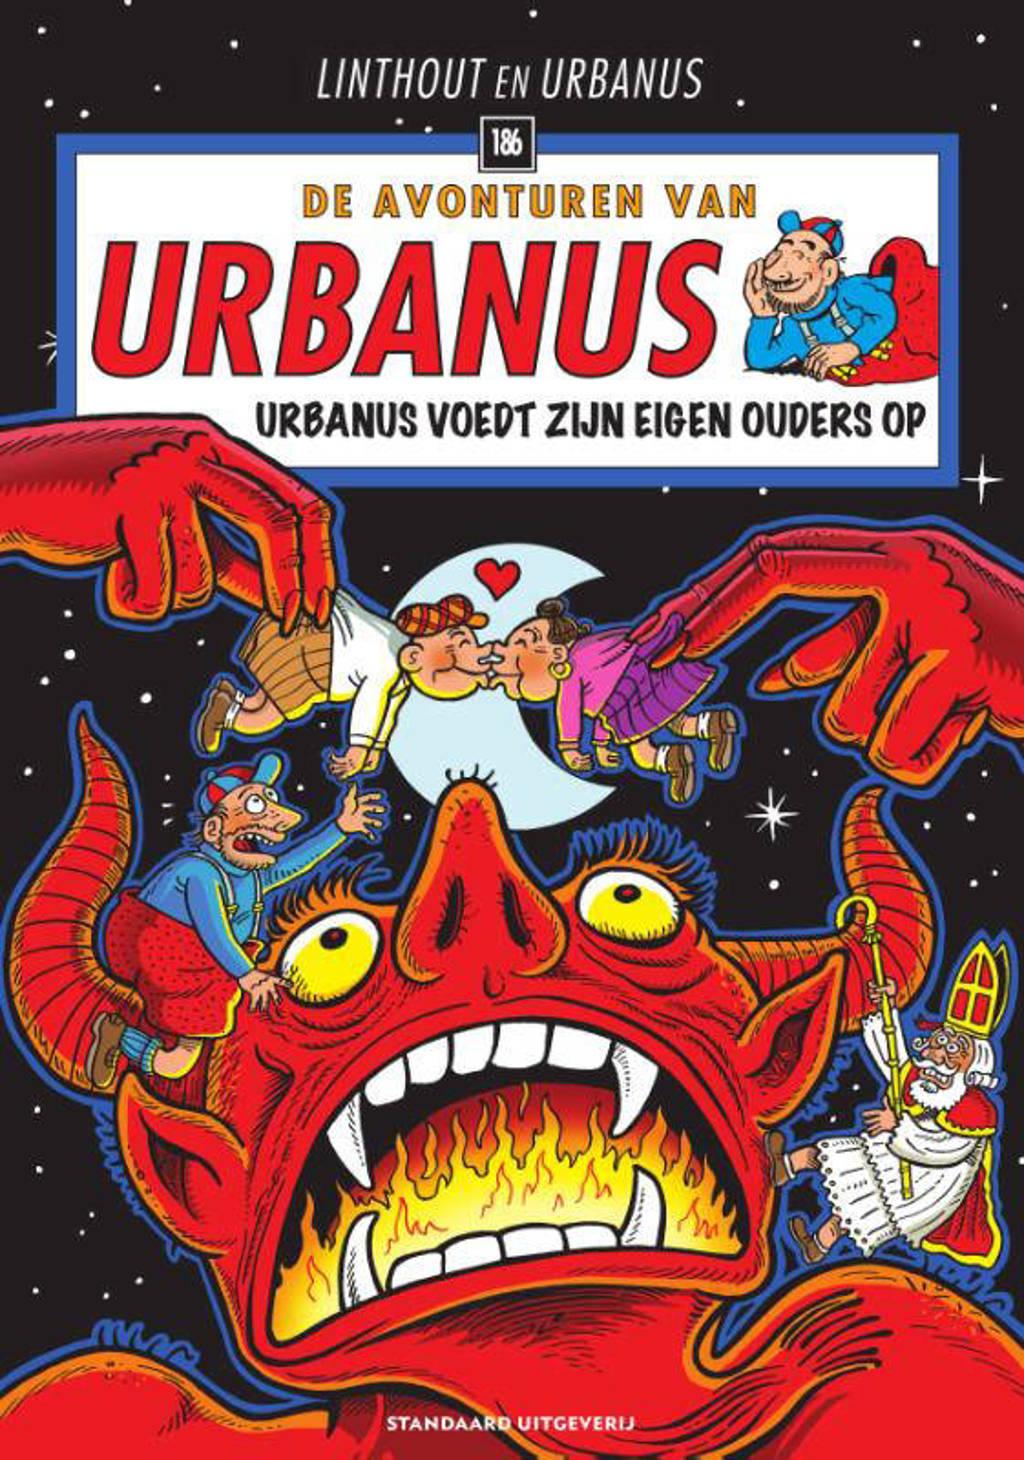 Urbanus: Urbanus voedt zijn eigen ouders op - Willy Linthout en